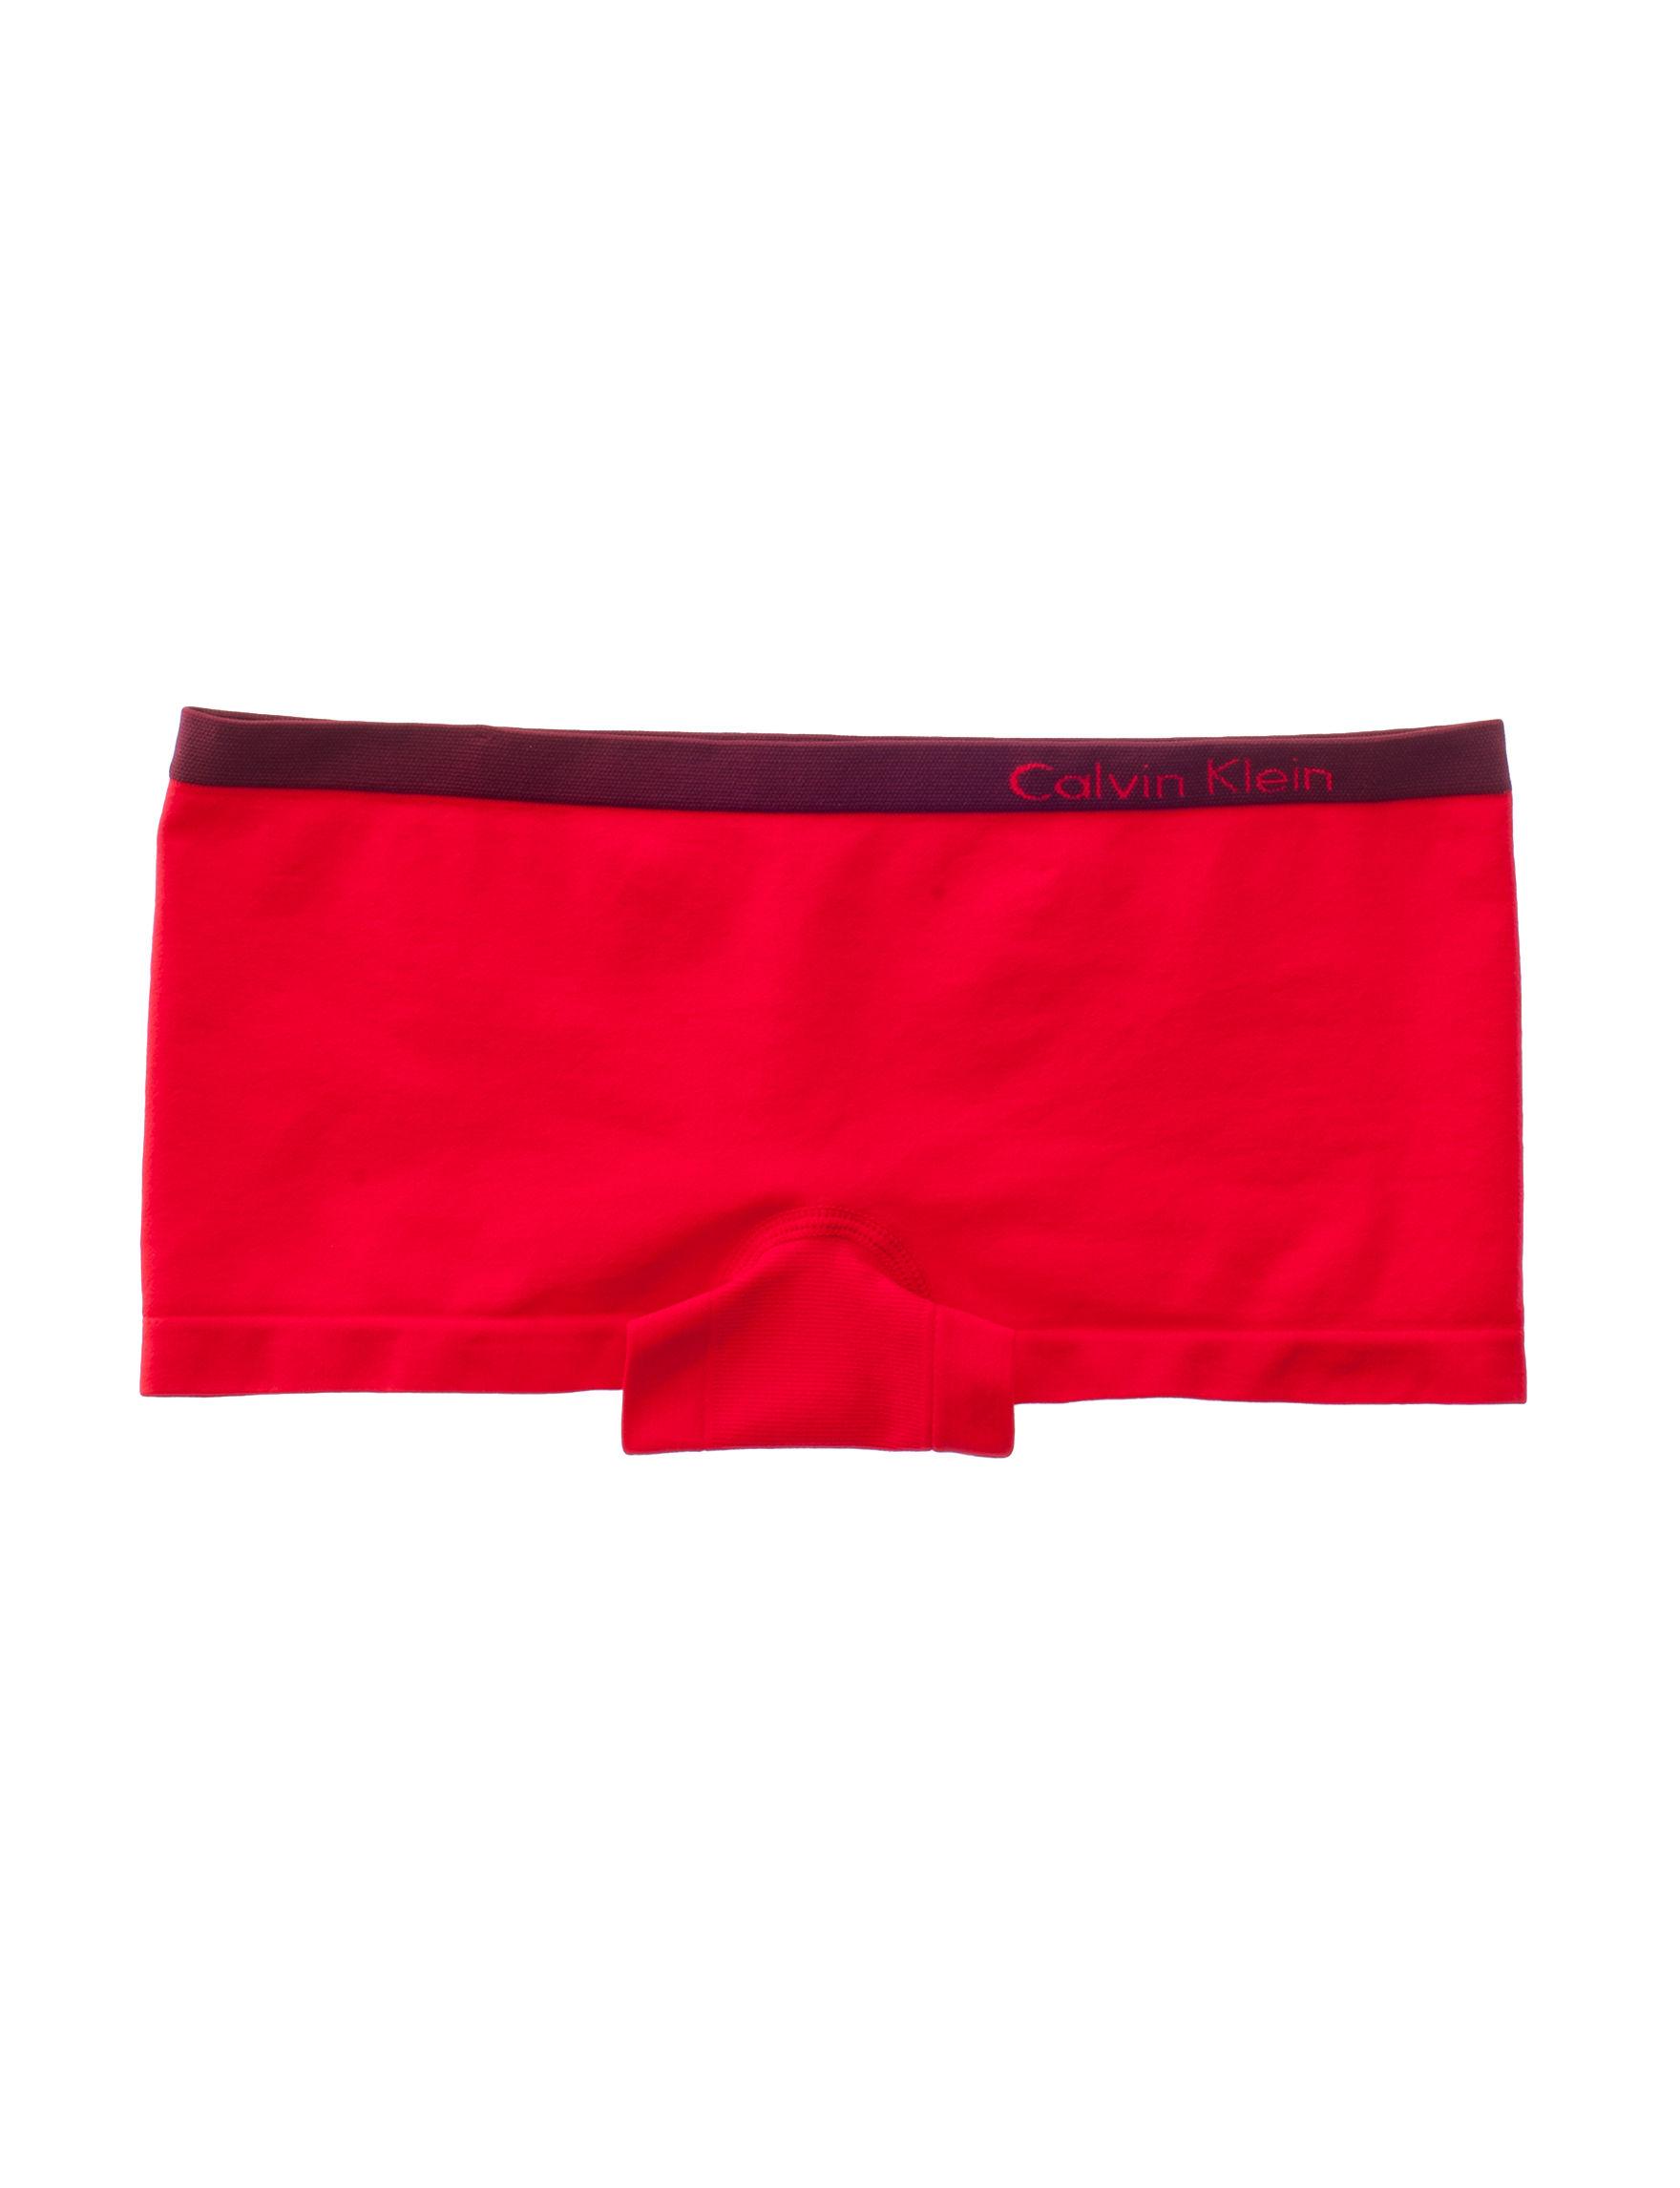 Calvin Klein Red Panties Boyshort Seamless